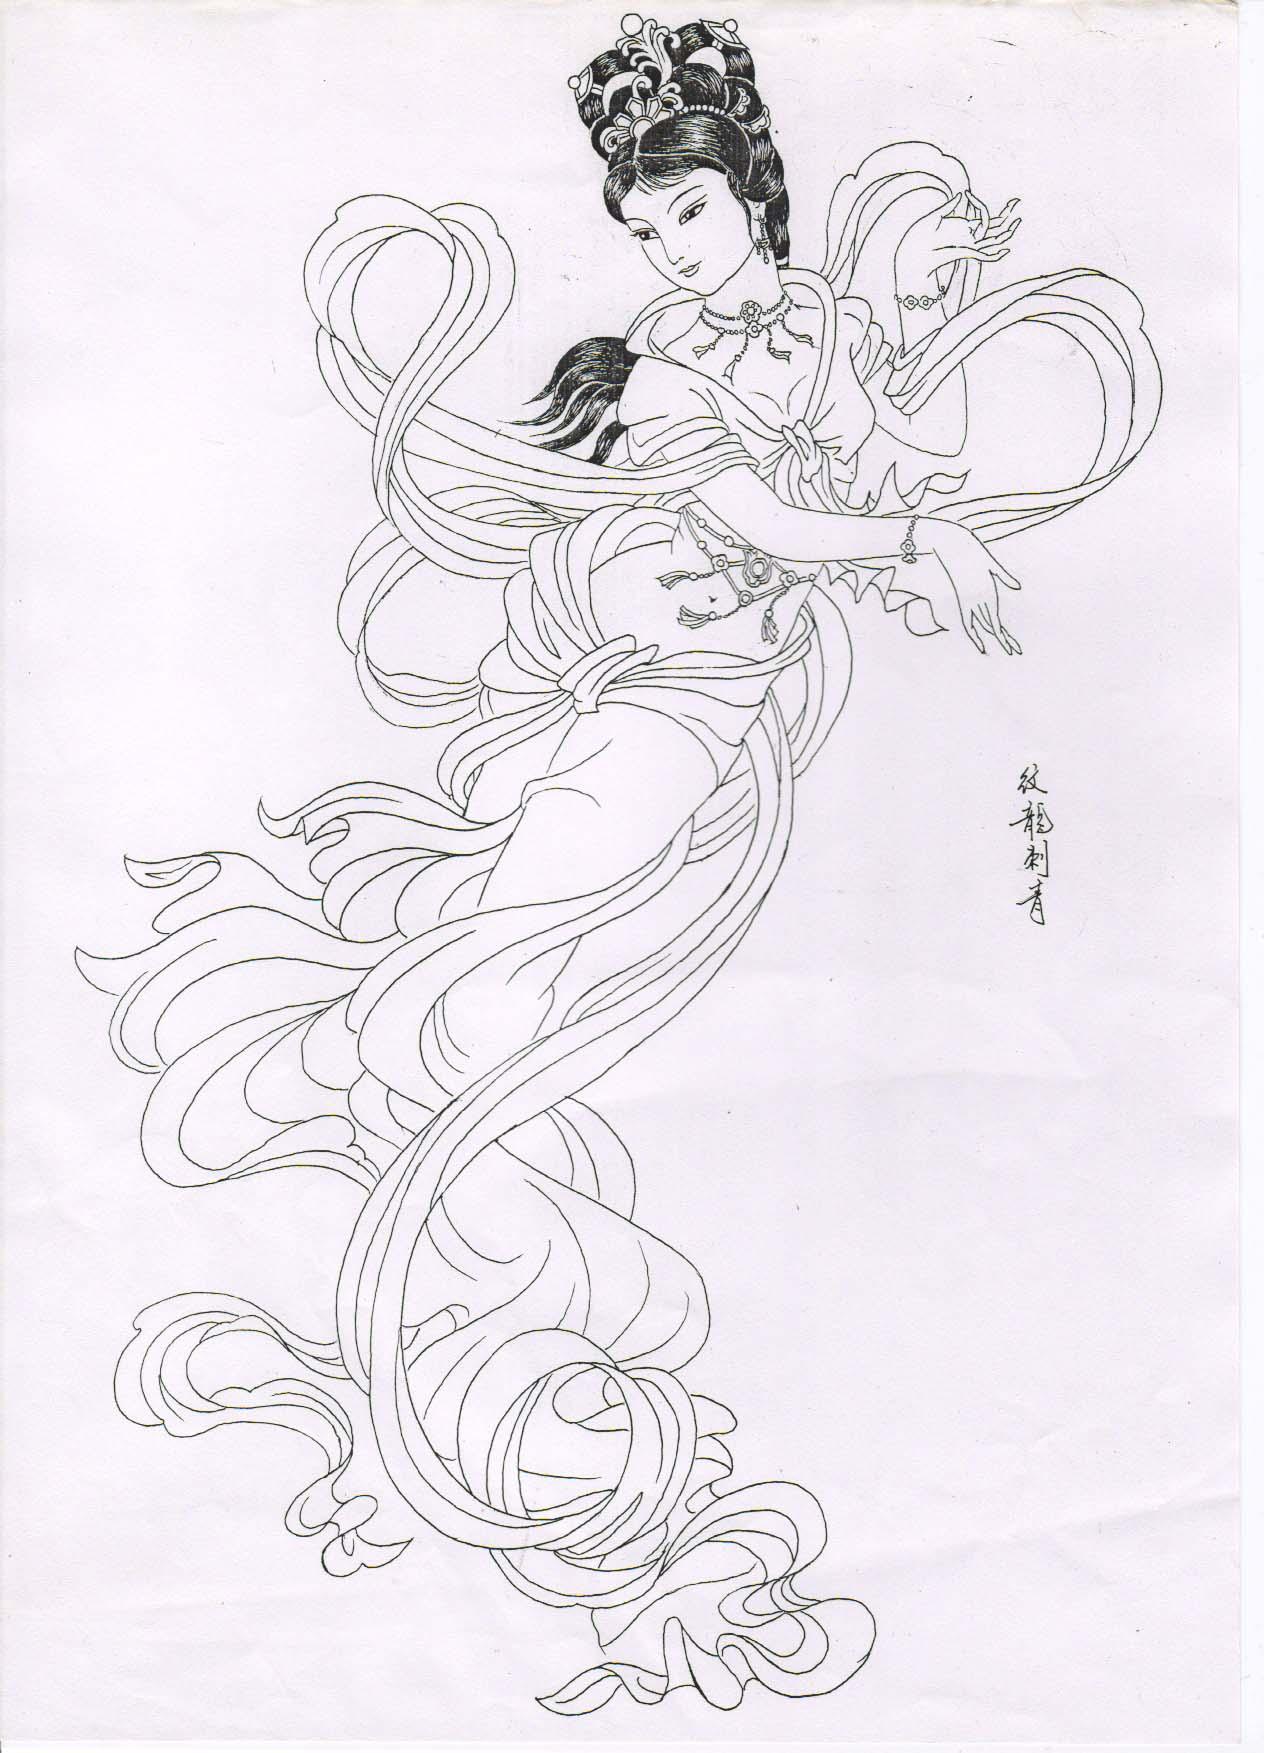 昆山异龙纹身作品图片